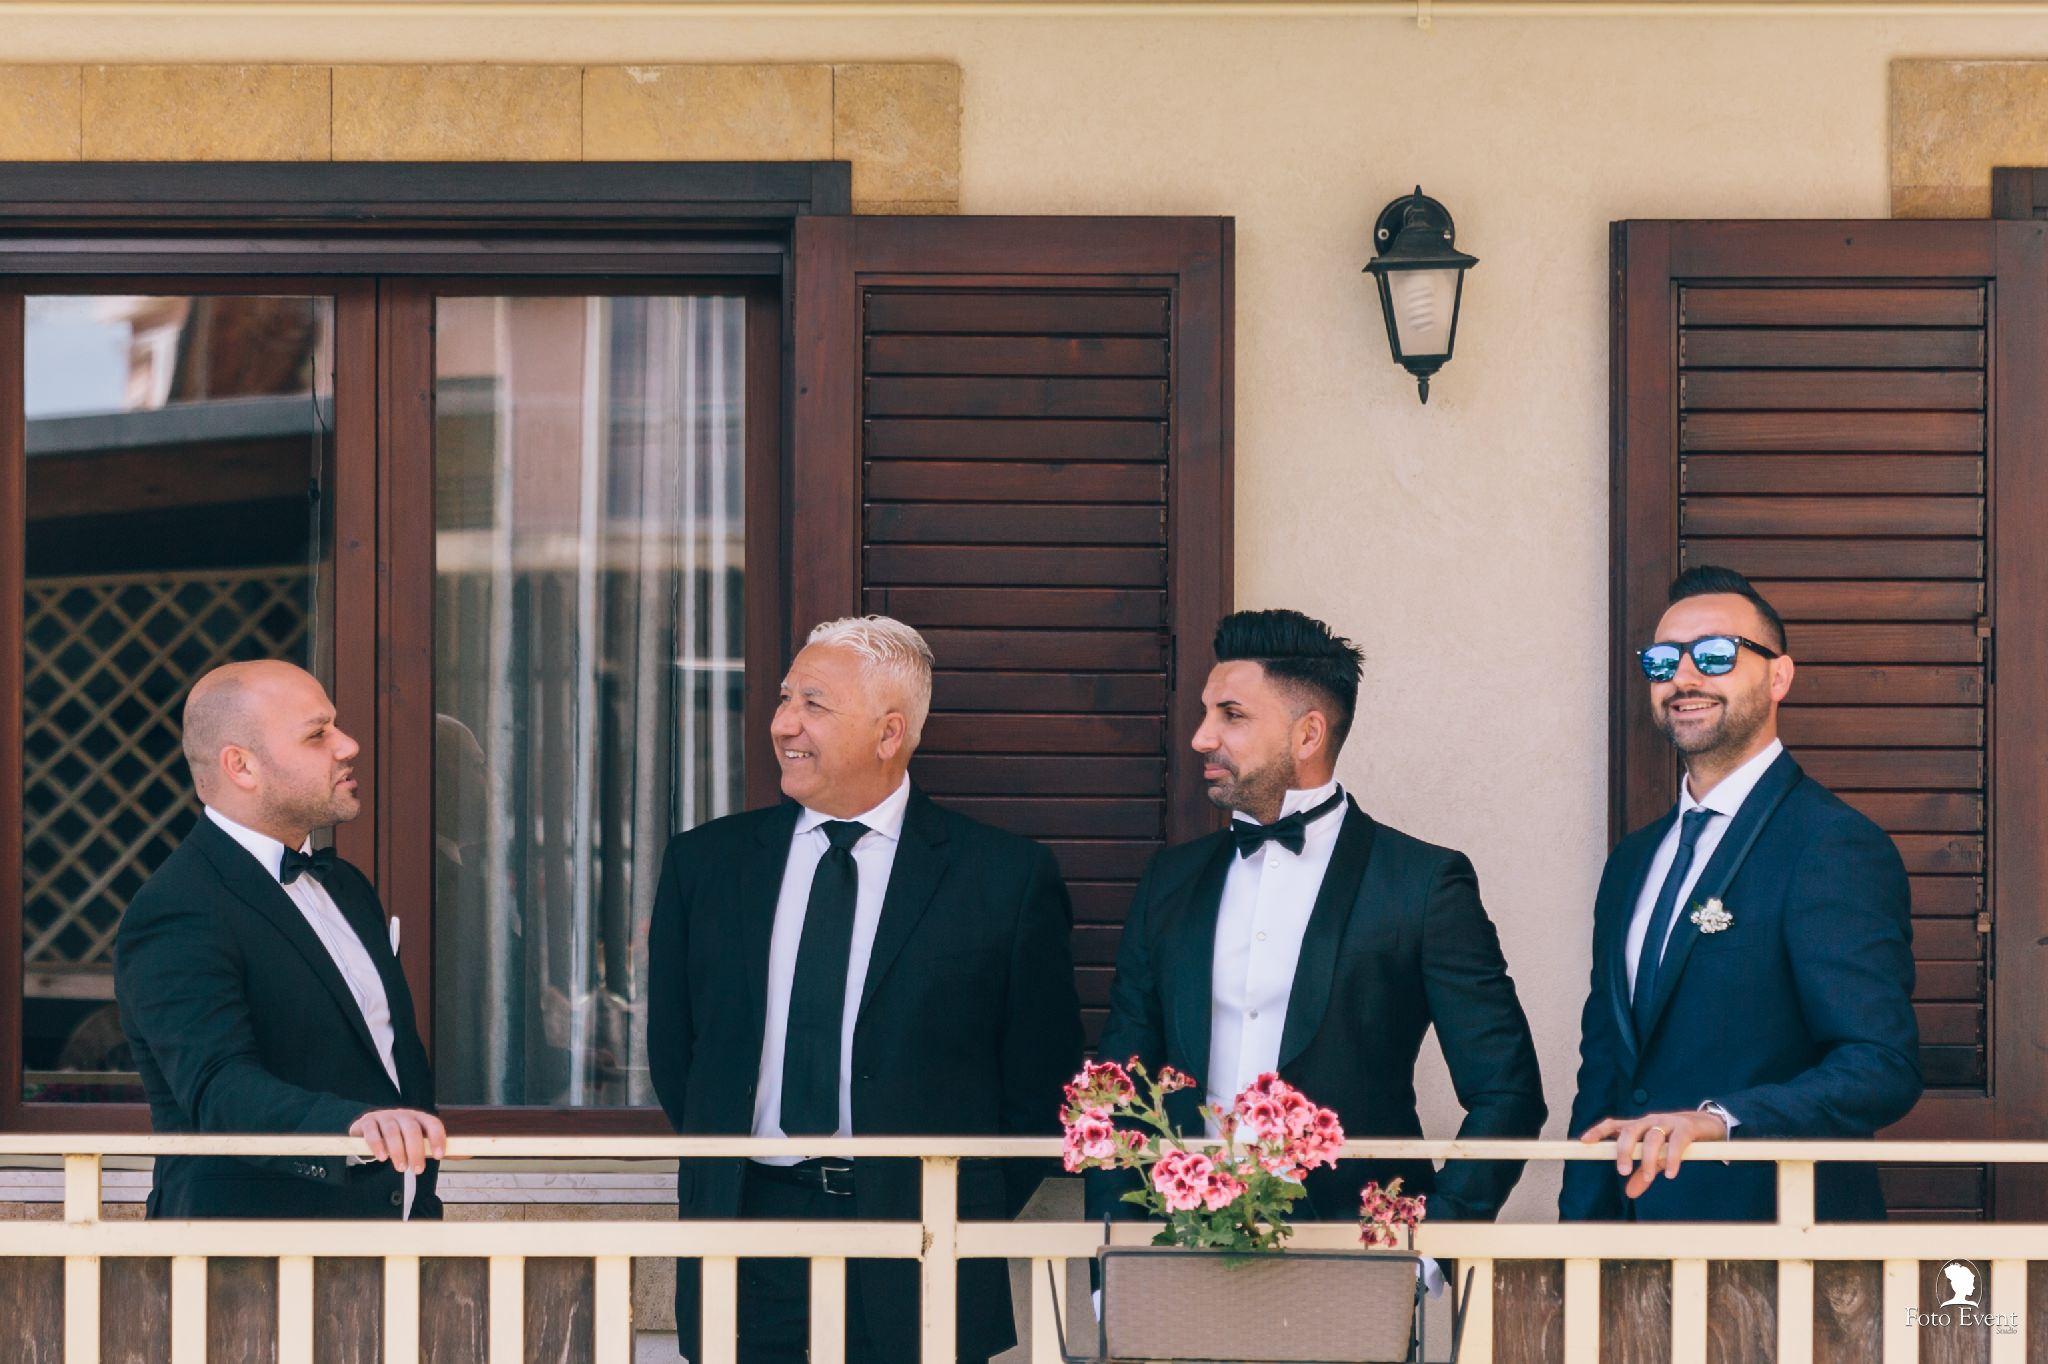 037-2019-05-09-Matrimonio-Maria-Concetta-e-Daniel-Gebbia-5DE-076